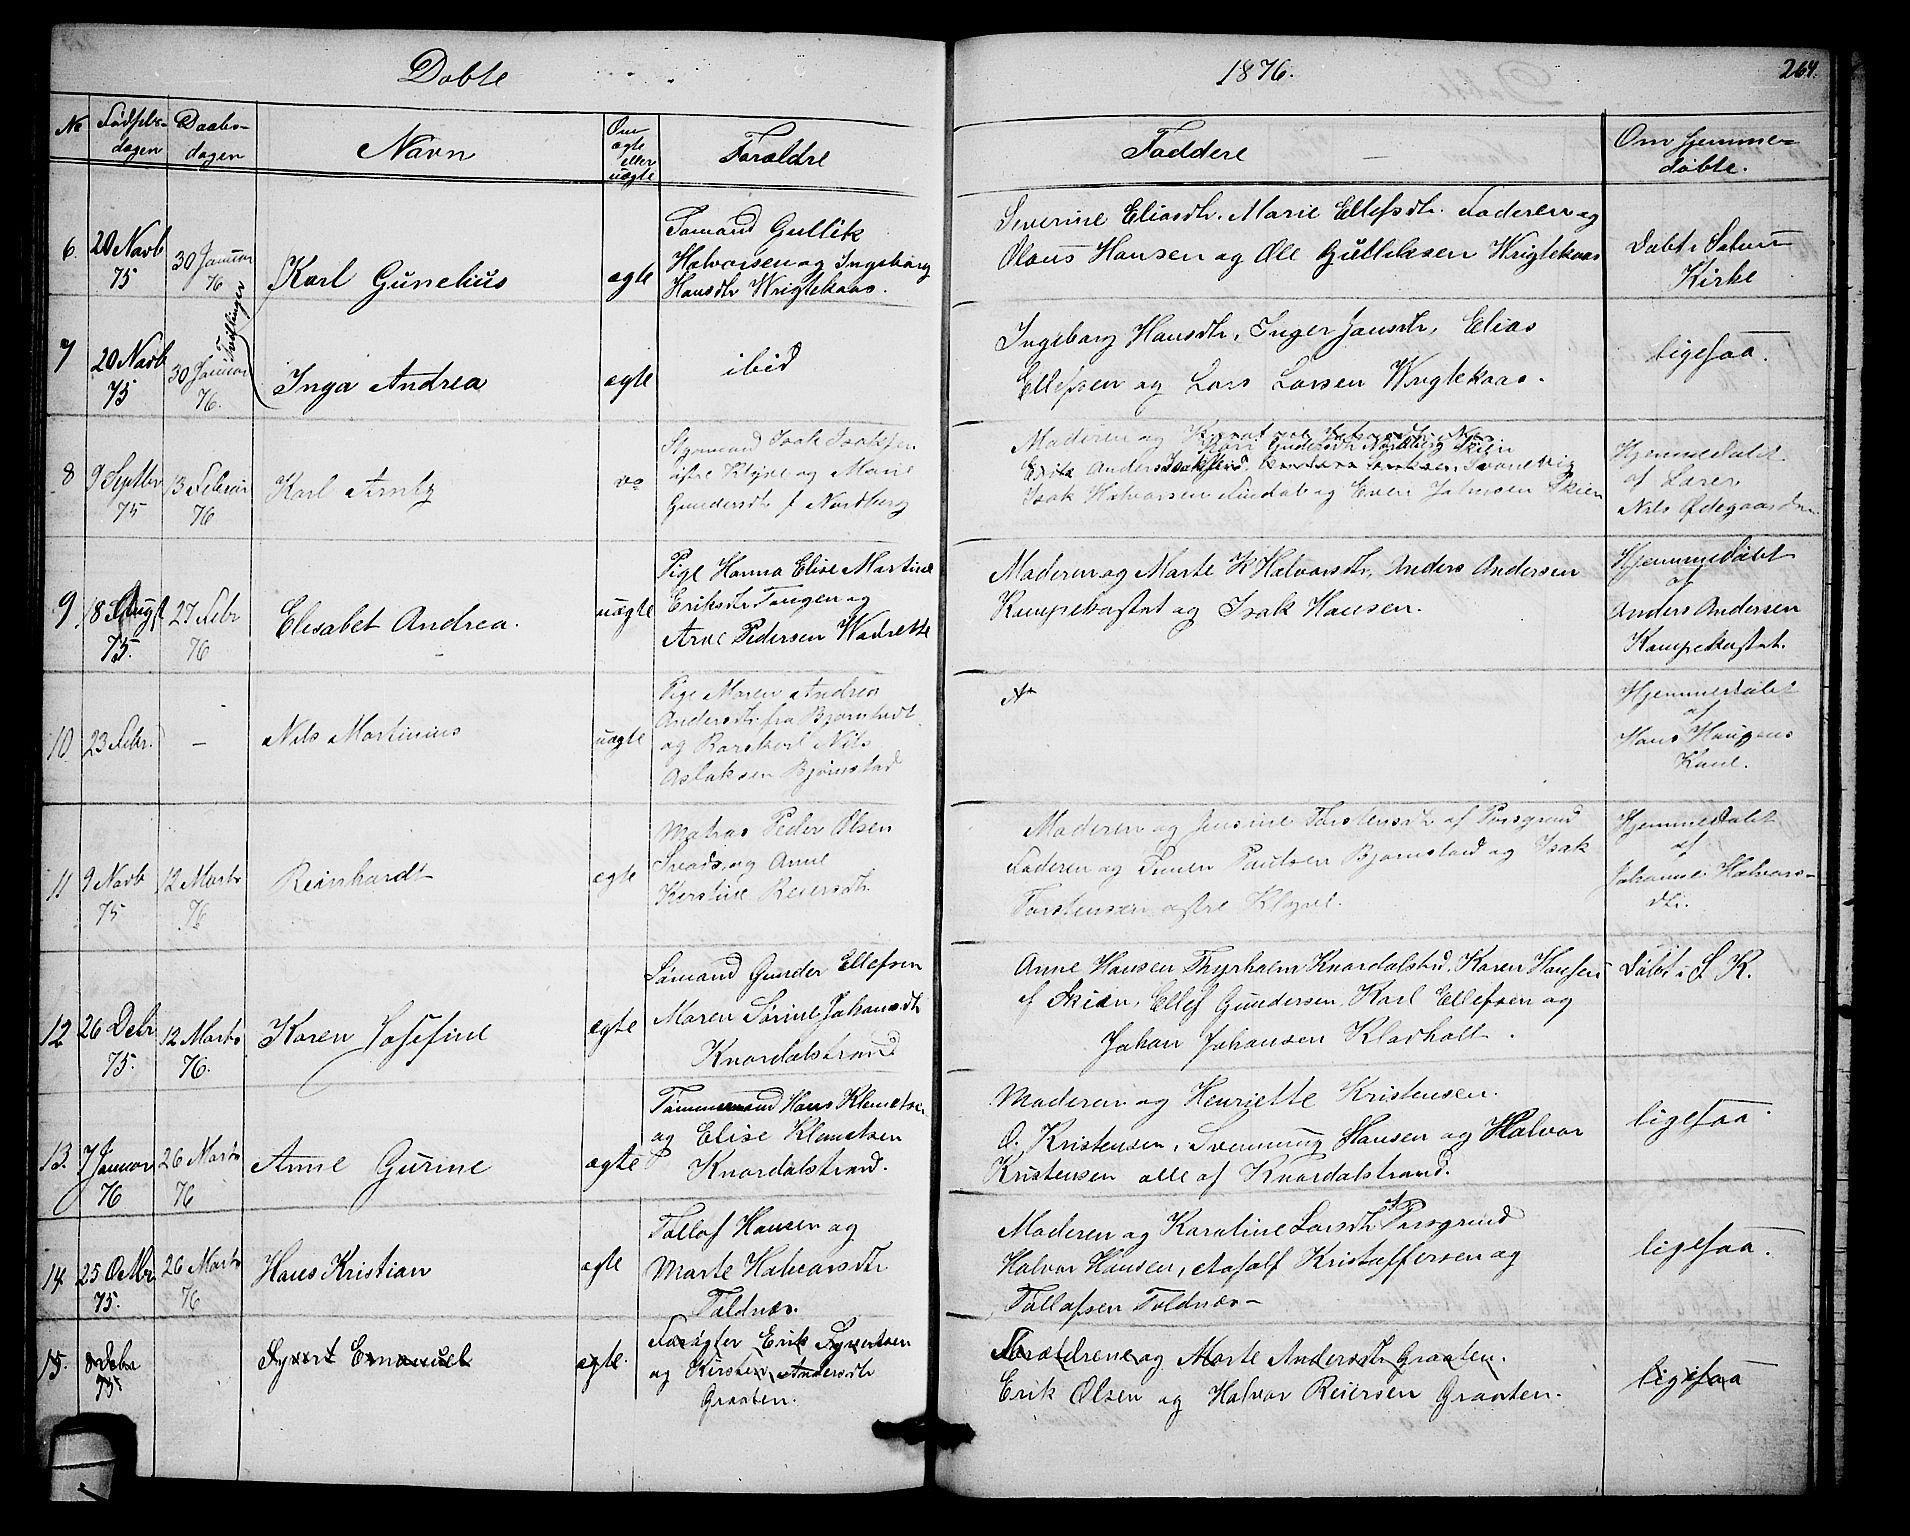 SAKO, Solum kirkebøker, G/Ga/L0004: Klokkerbok nr. I 4, 1859-1876, s. 264